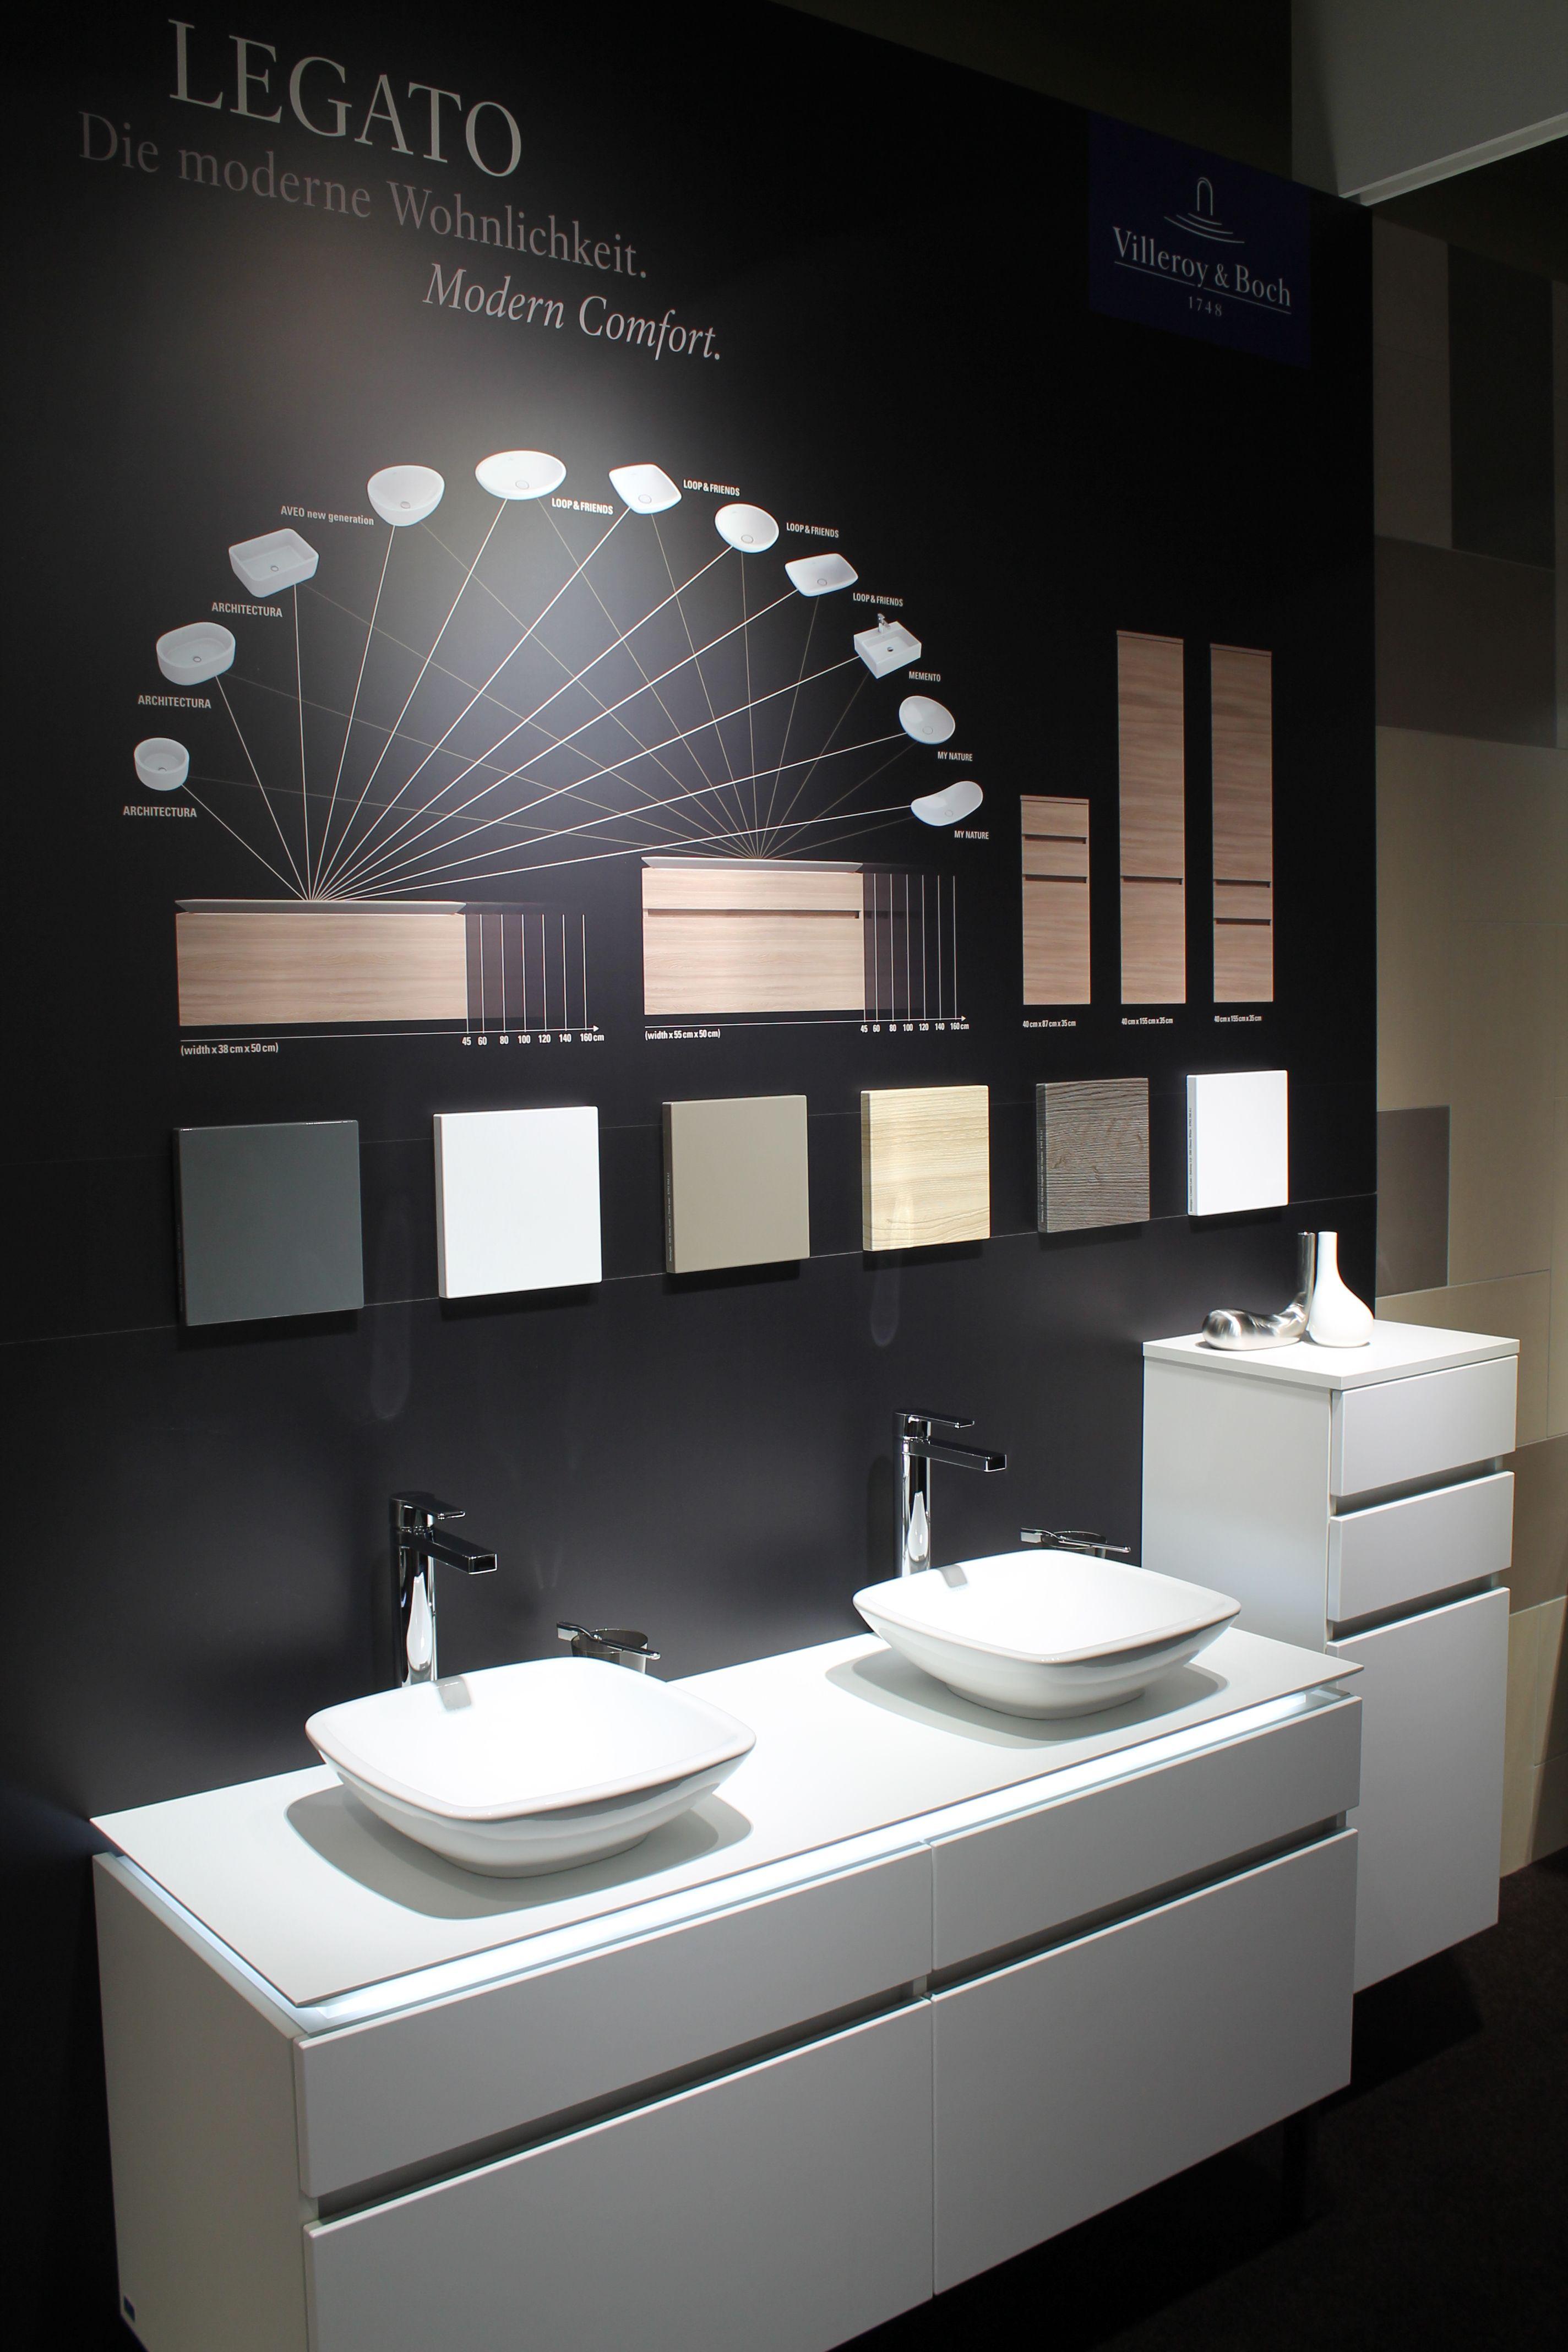 Legato Collection Featuring Loop Ish 13 Villeroy Boch Doppelwaschtisch Arbeitsplatte Modernes Badezimmer